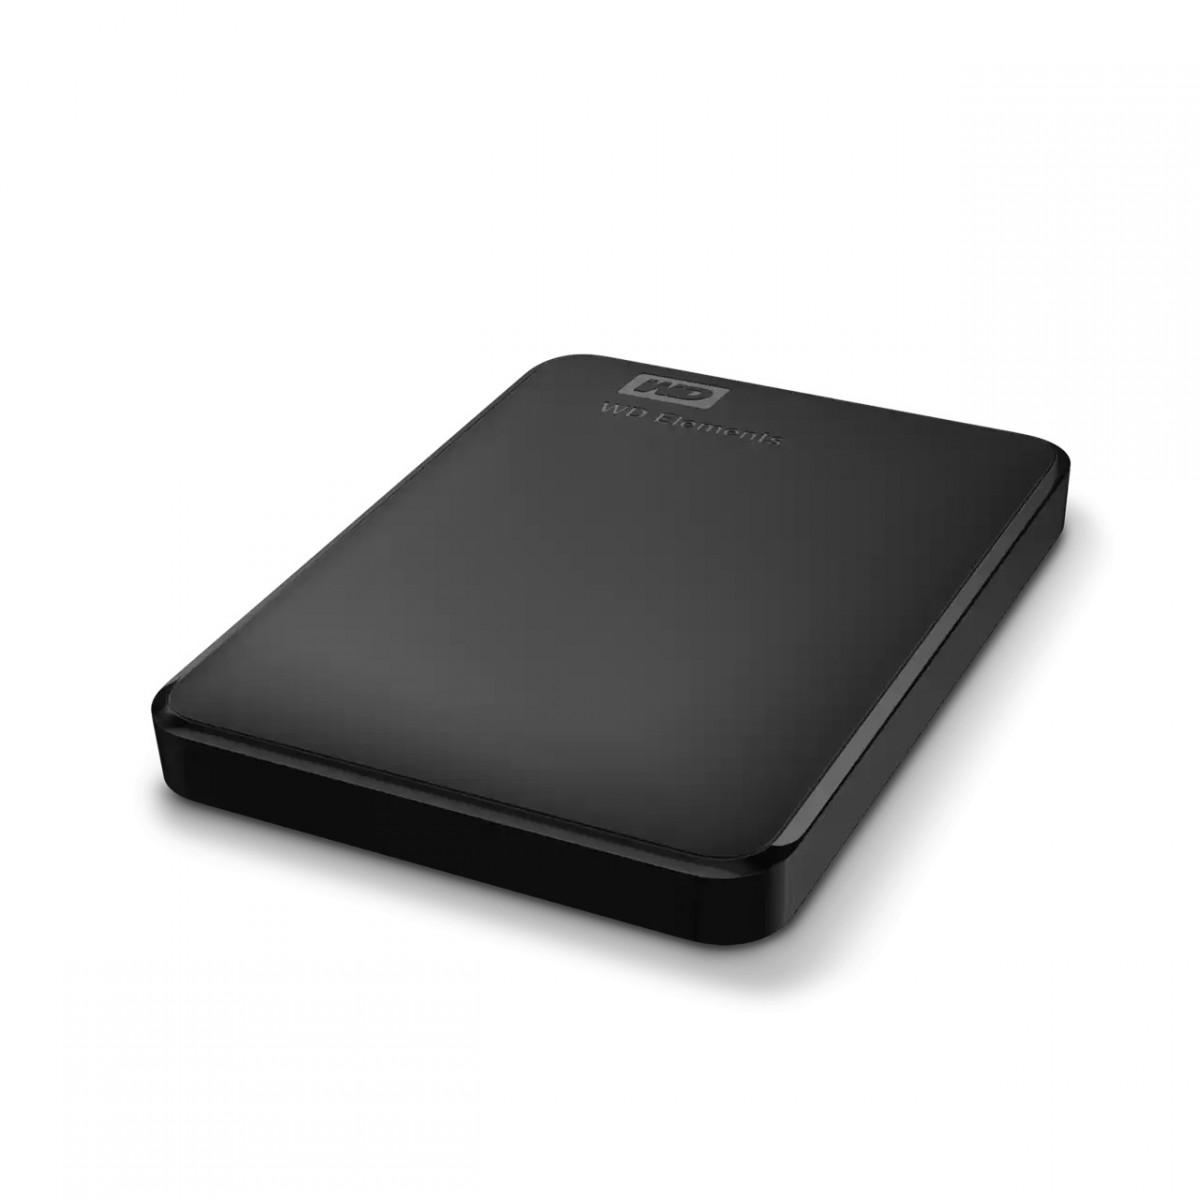 HD Externo WD Elements Portable 2TB, USB 3.0, Black, WDBU6Y0020BBK